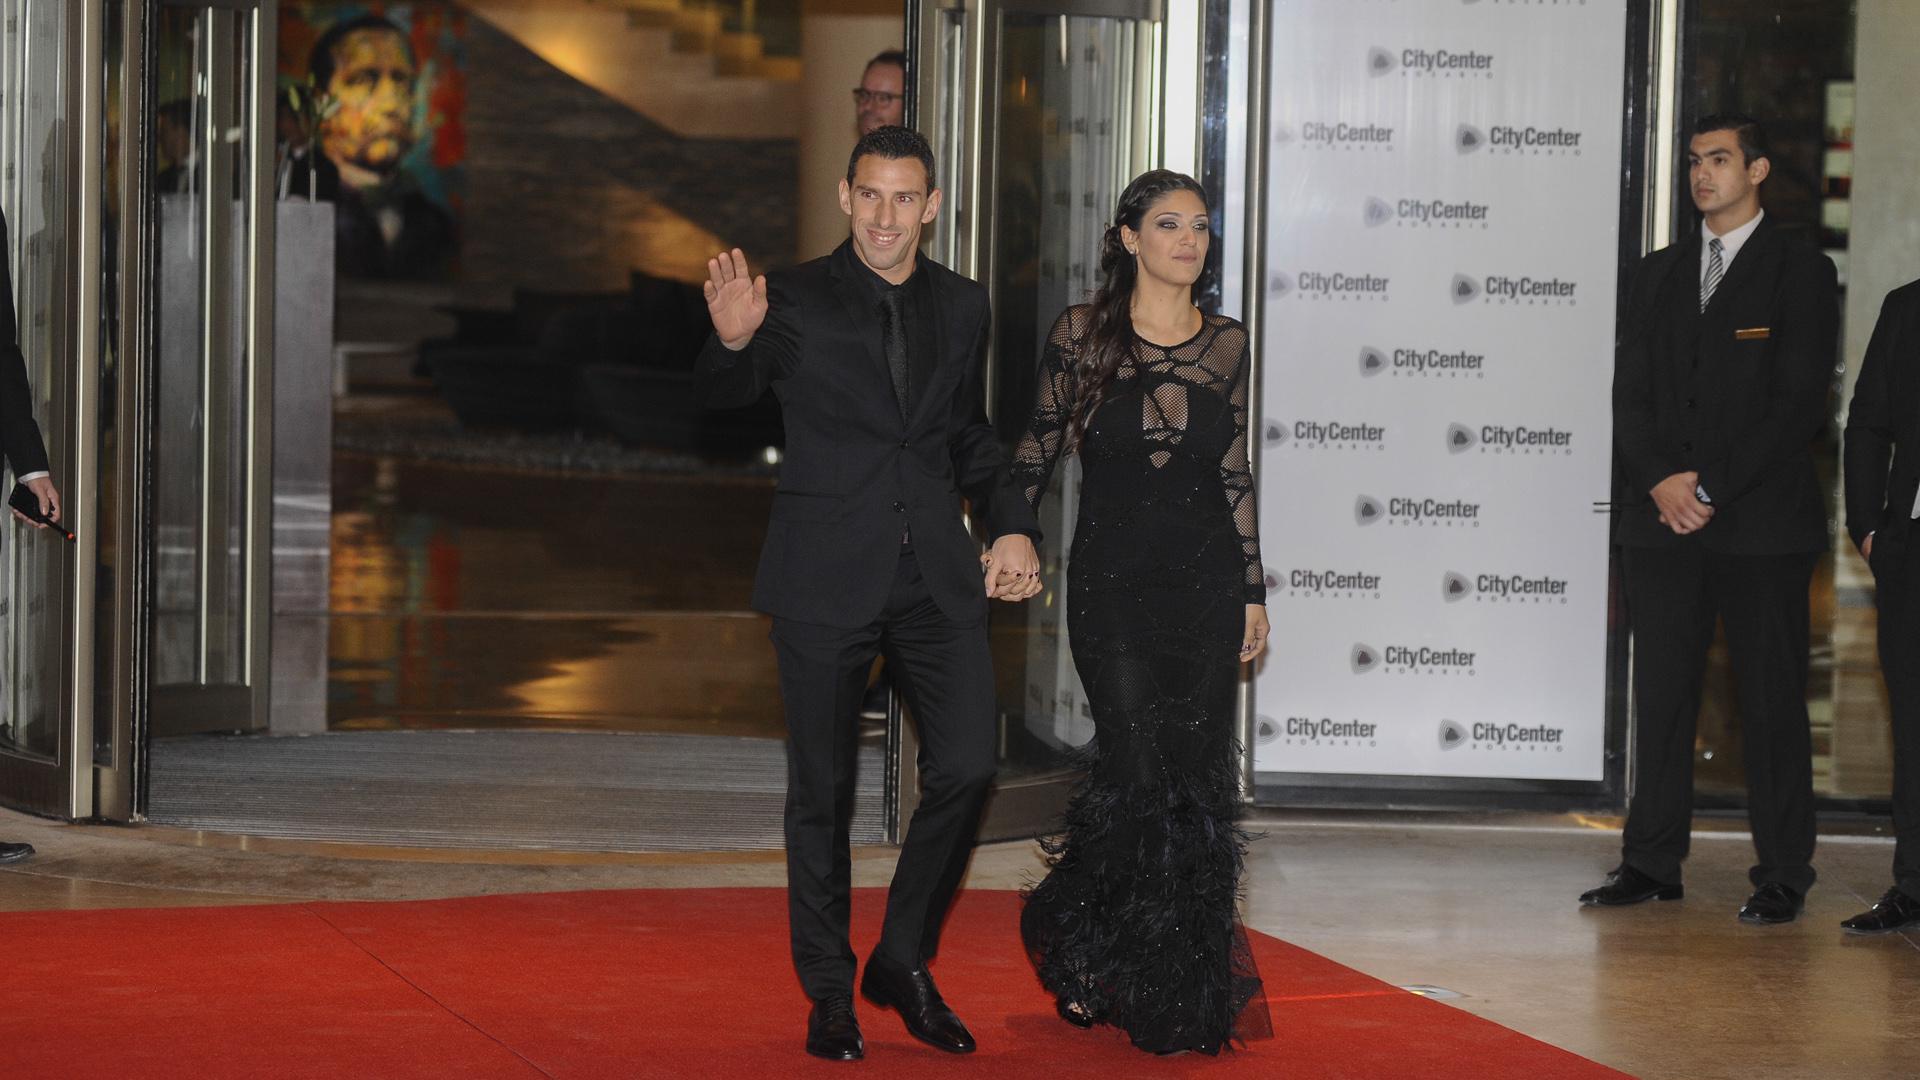 El negro fue el color más elegido de los invitados a la boda de Messi y Roccuzzo. Aquí Maxi Rodríguez y su esposatambién optaron por eltotal black